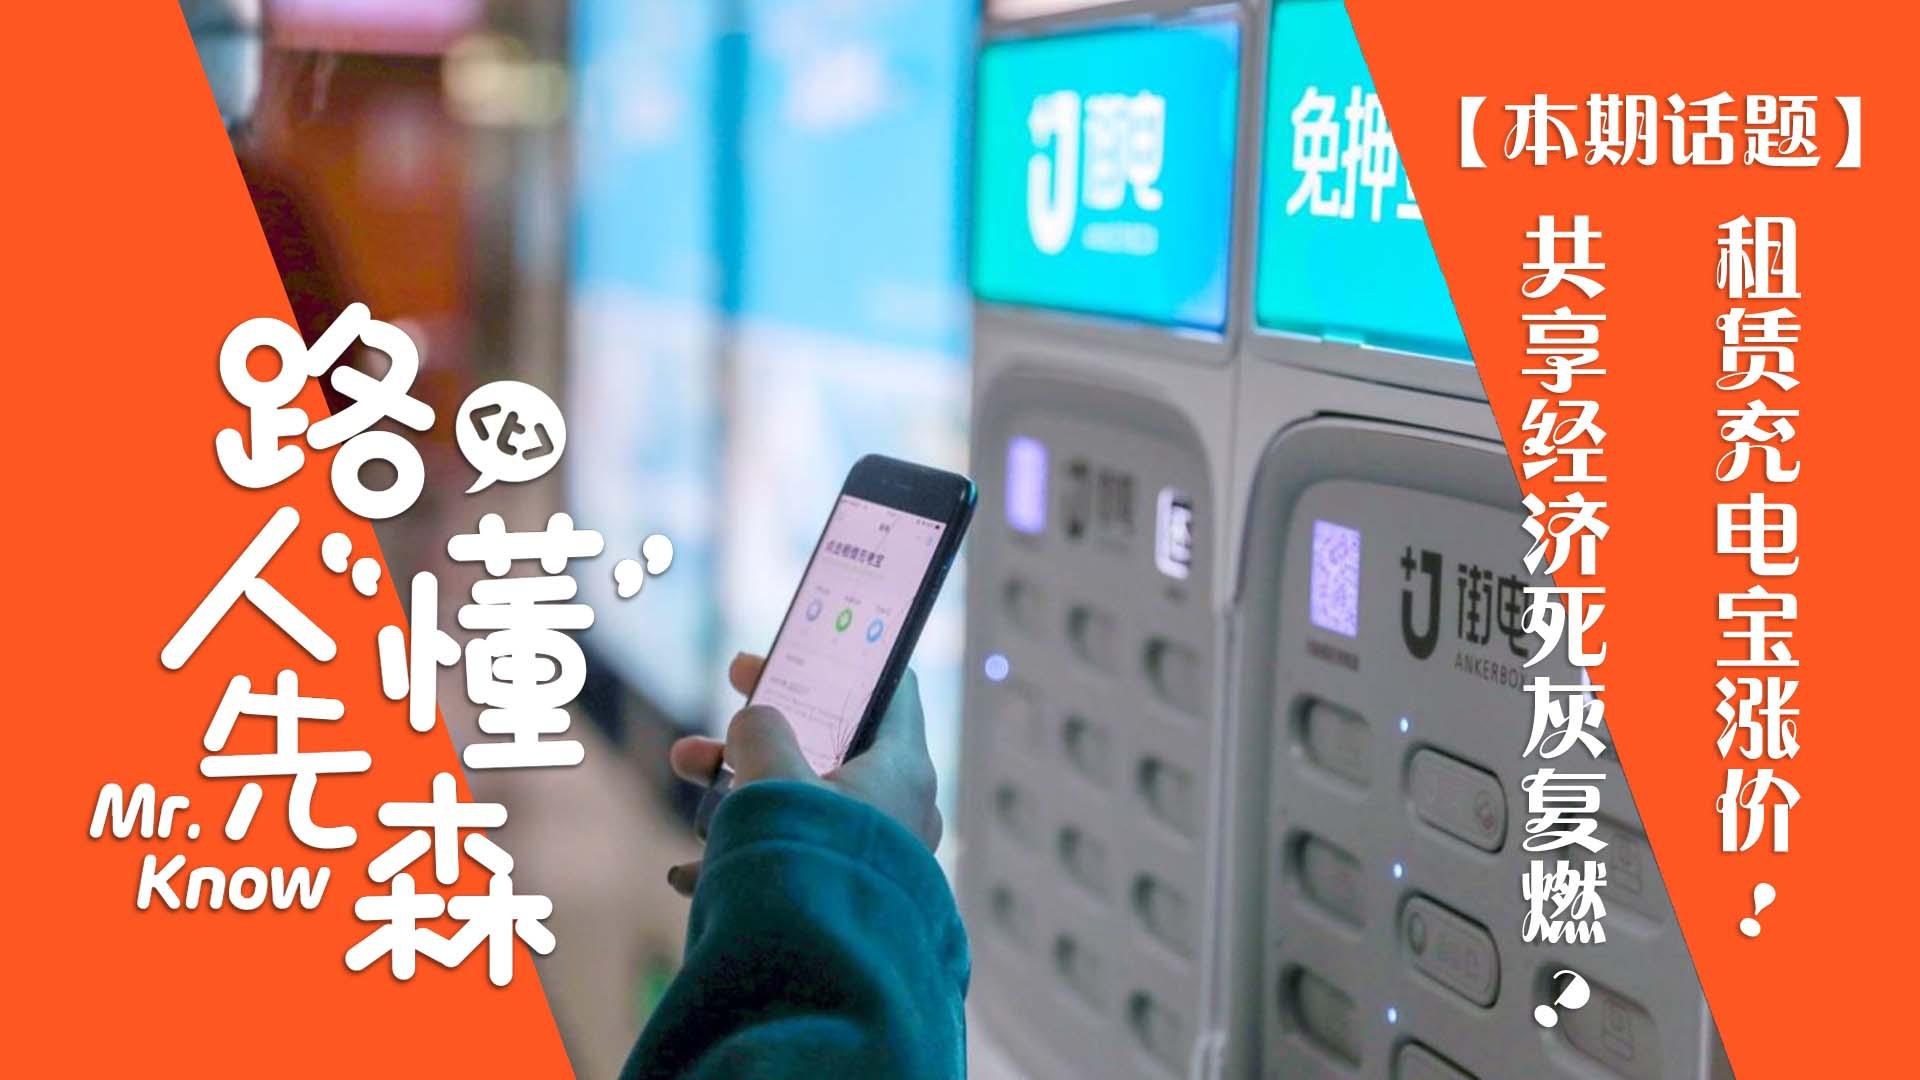 【视频】《路人懂先森》:共享充电宝集体涨价背后有什么猫腻?